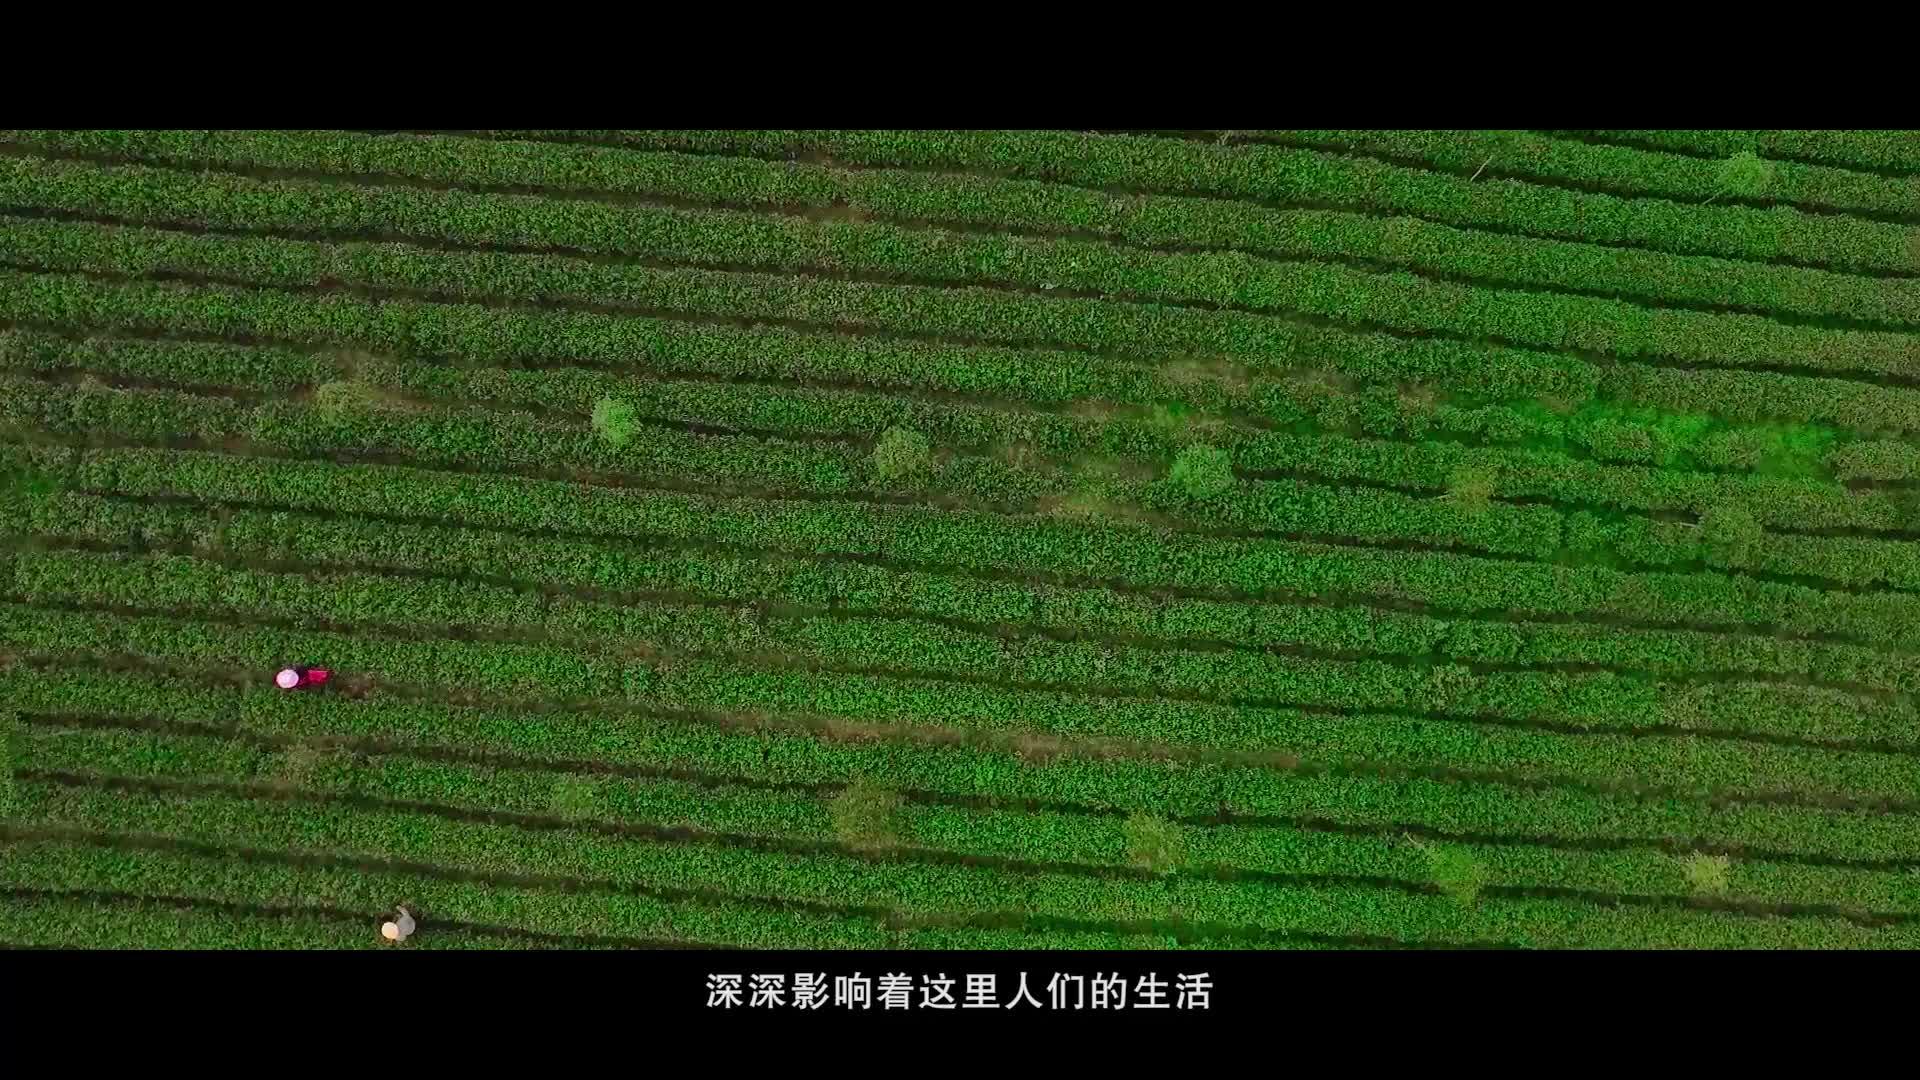 汉滨生态富硒茶